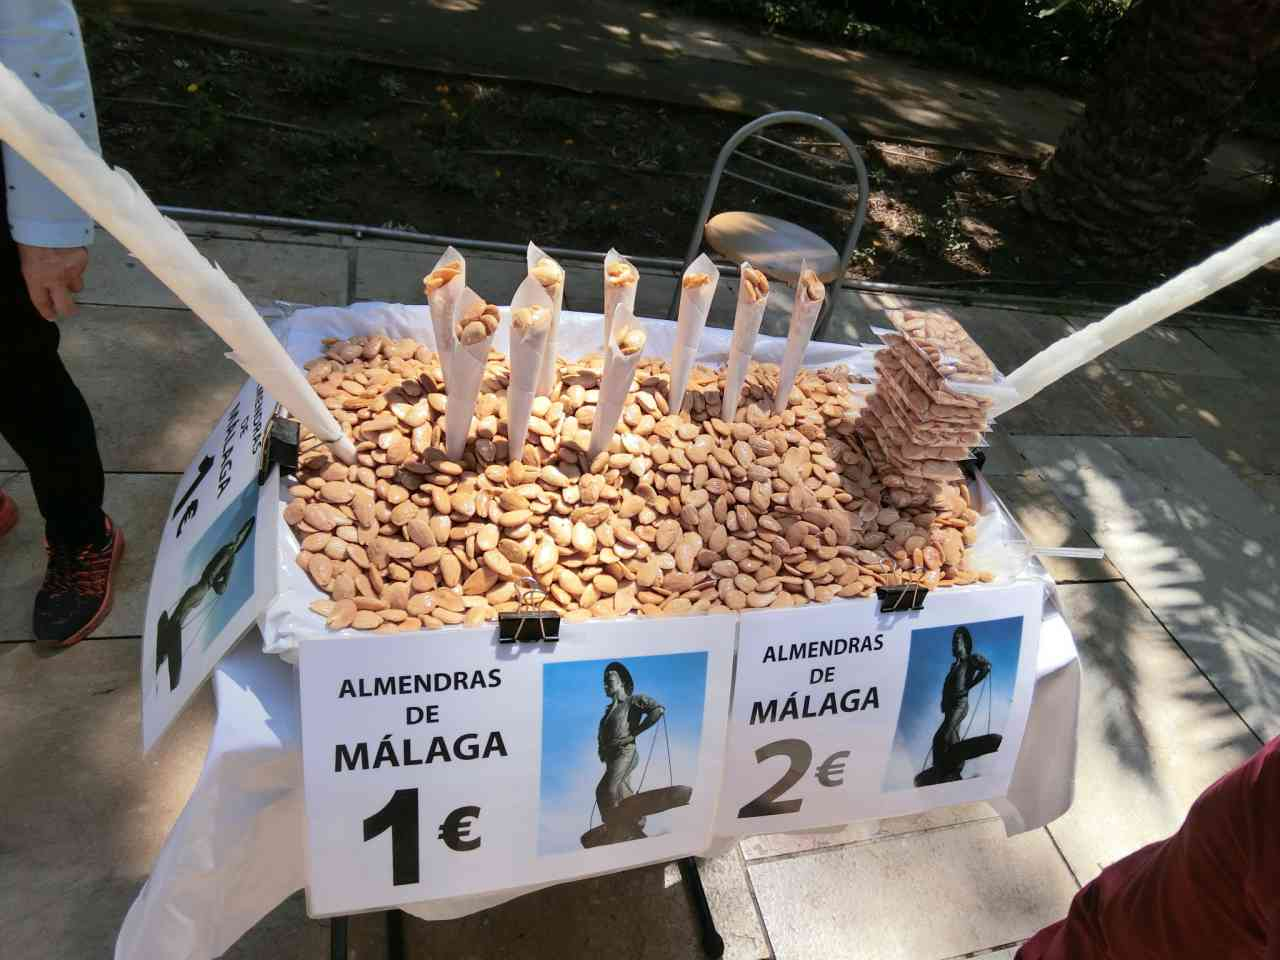 【郵輪 巴塞隆納】Day5 Malaga 馬拉加